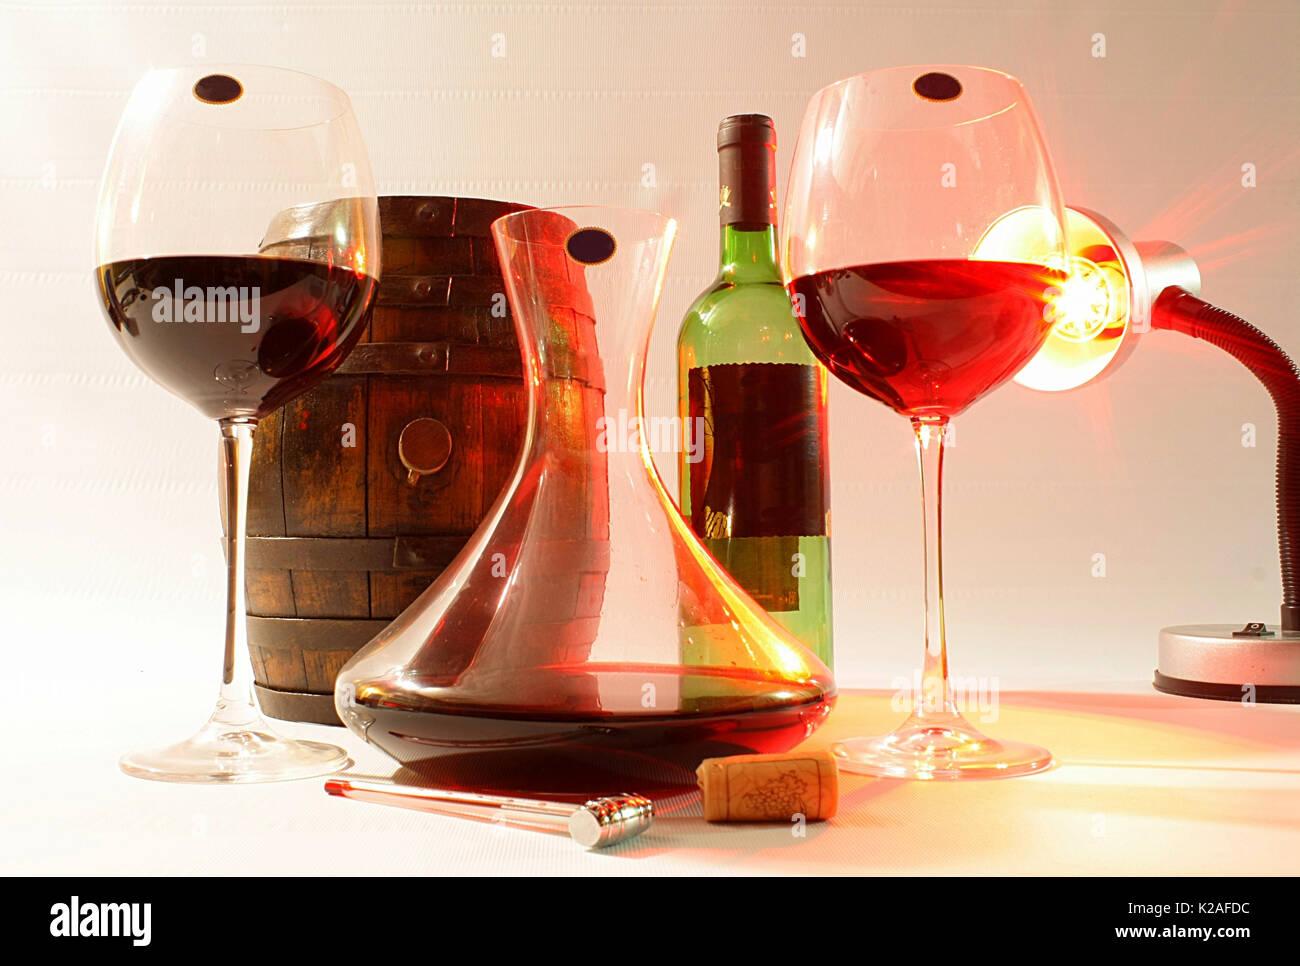 Bicchieri decanter bottiglia e canna illuminato da una lampada